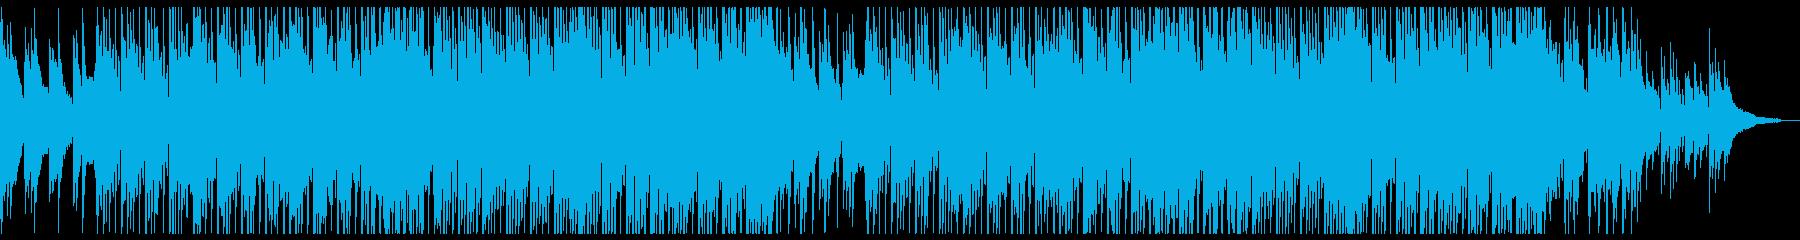 ポップでポジティブなアコギとピアノの再生済みの波形